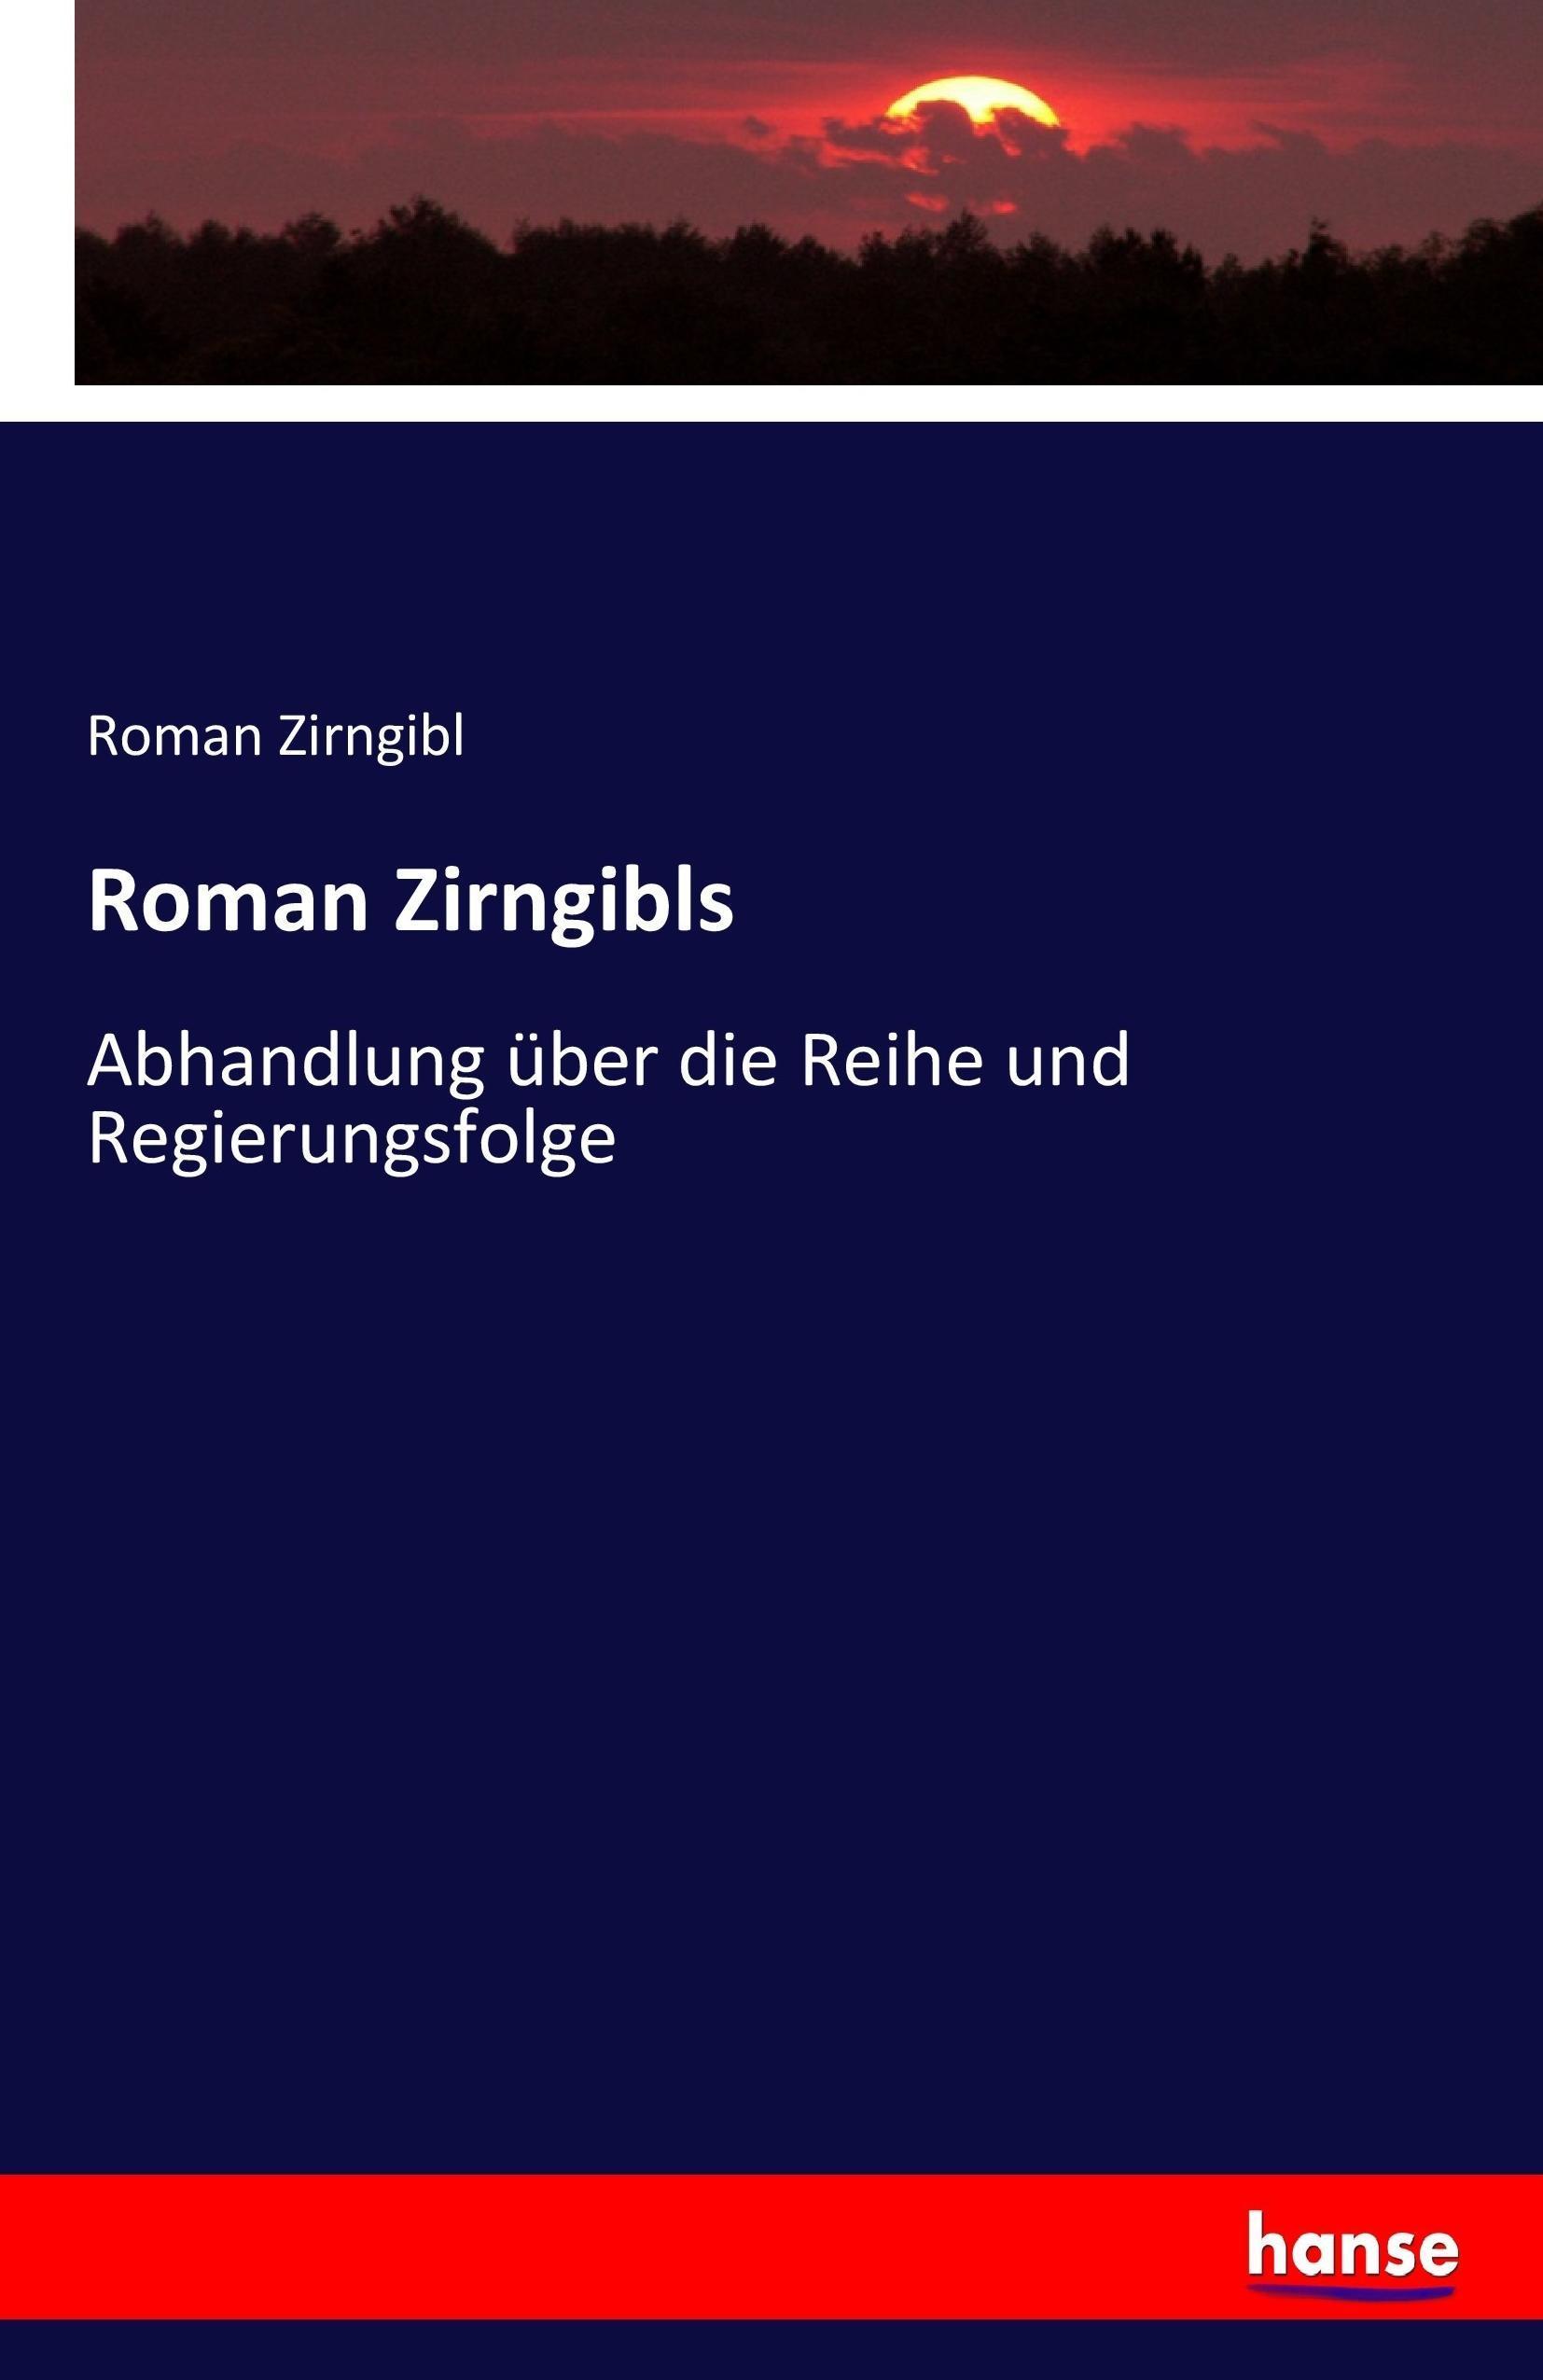 Roman-Zirngibl-Roman-Zirngibls-9783744608855